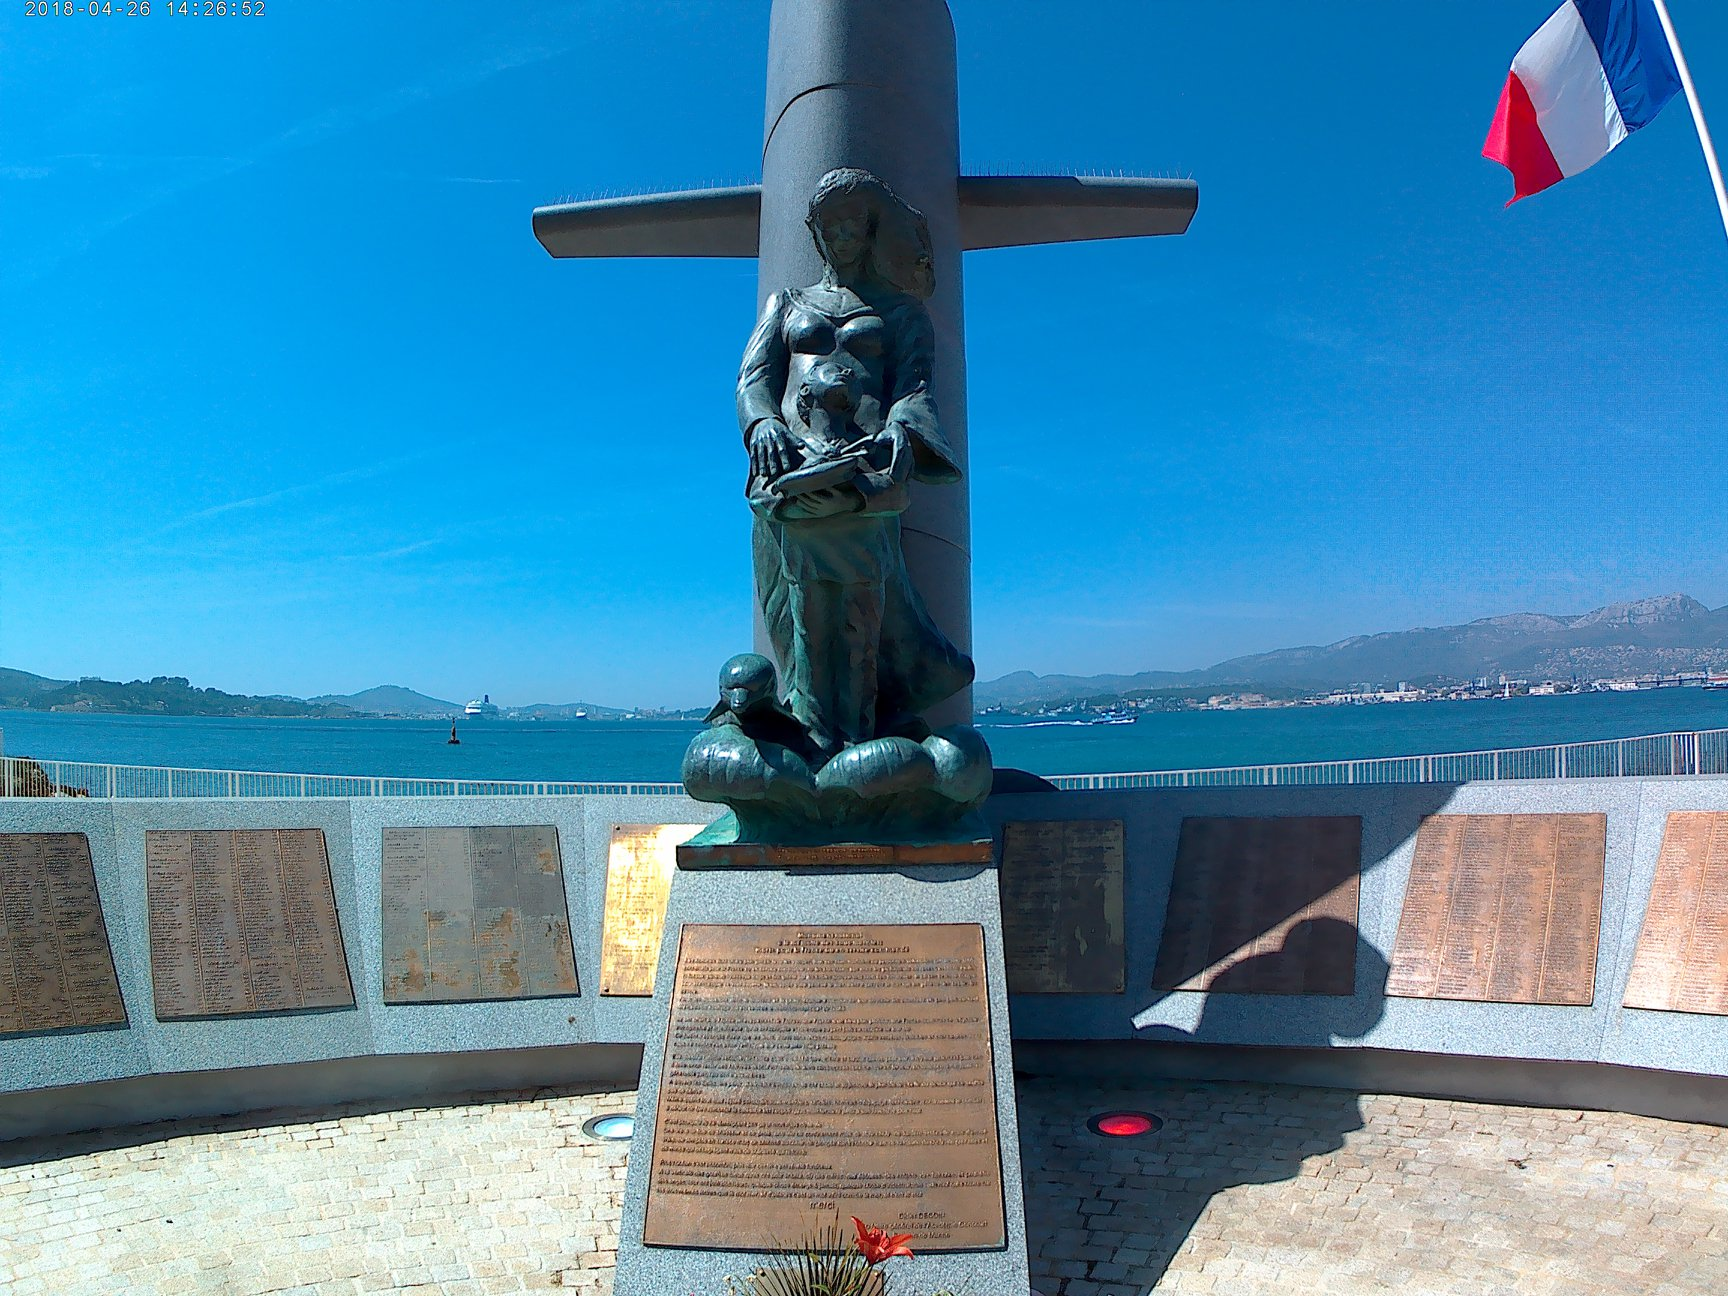 Mémoire des sous mariniers disparus